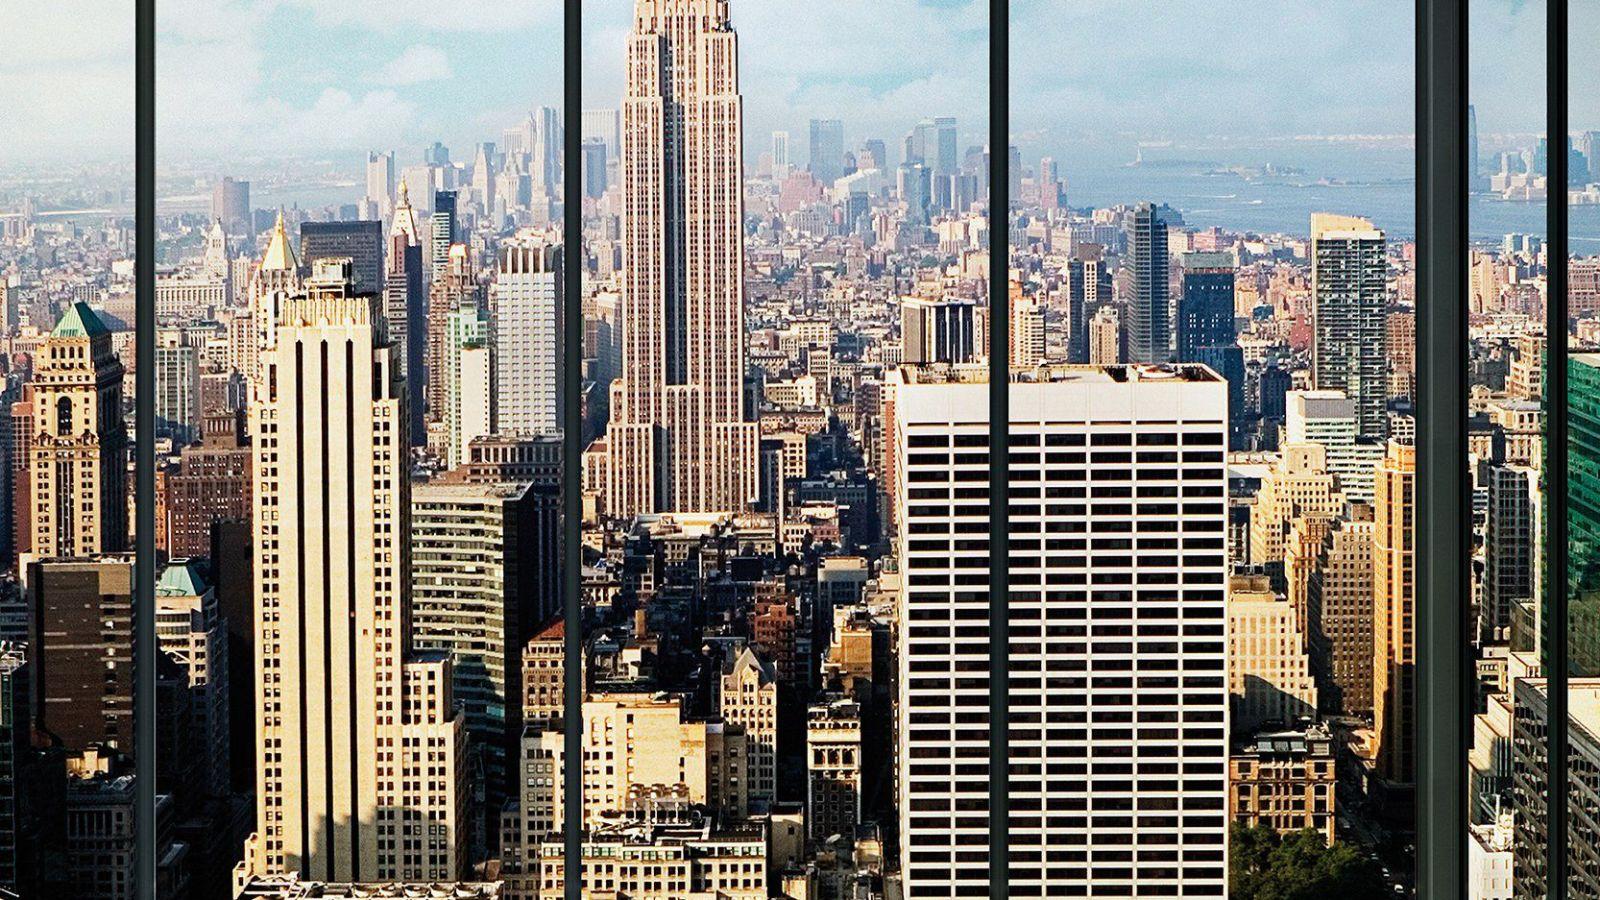 reWindowlapse: Μοιράσου τη θέα από το παράθυρό σου με άλλους στον κόσμο